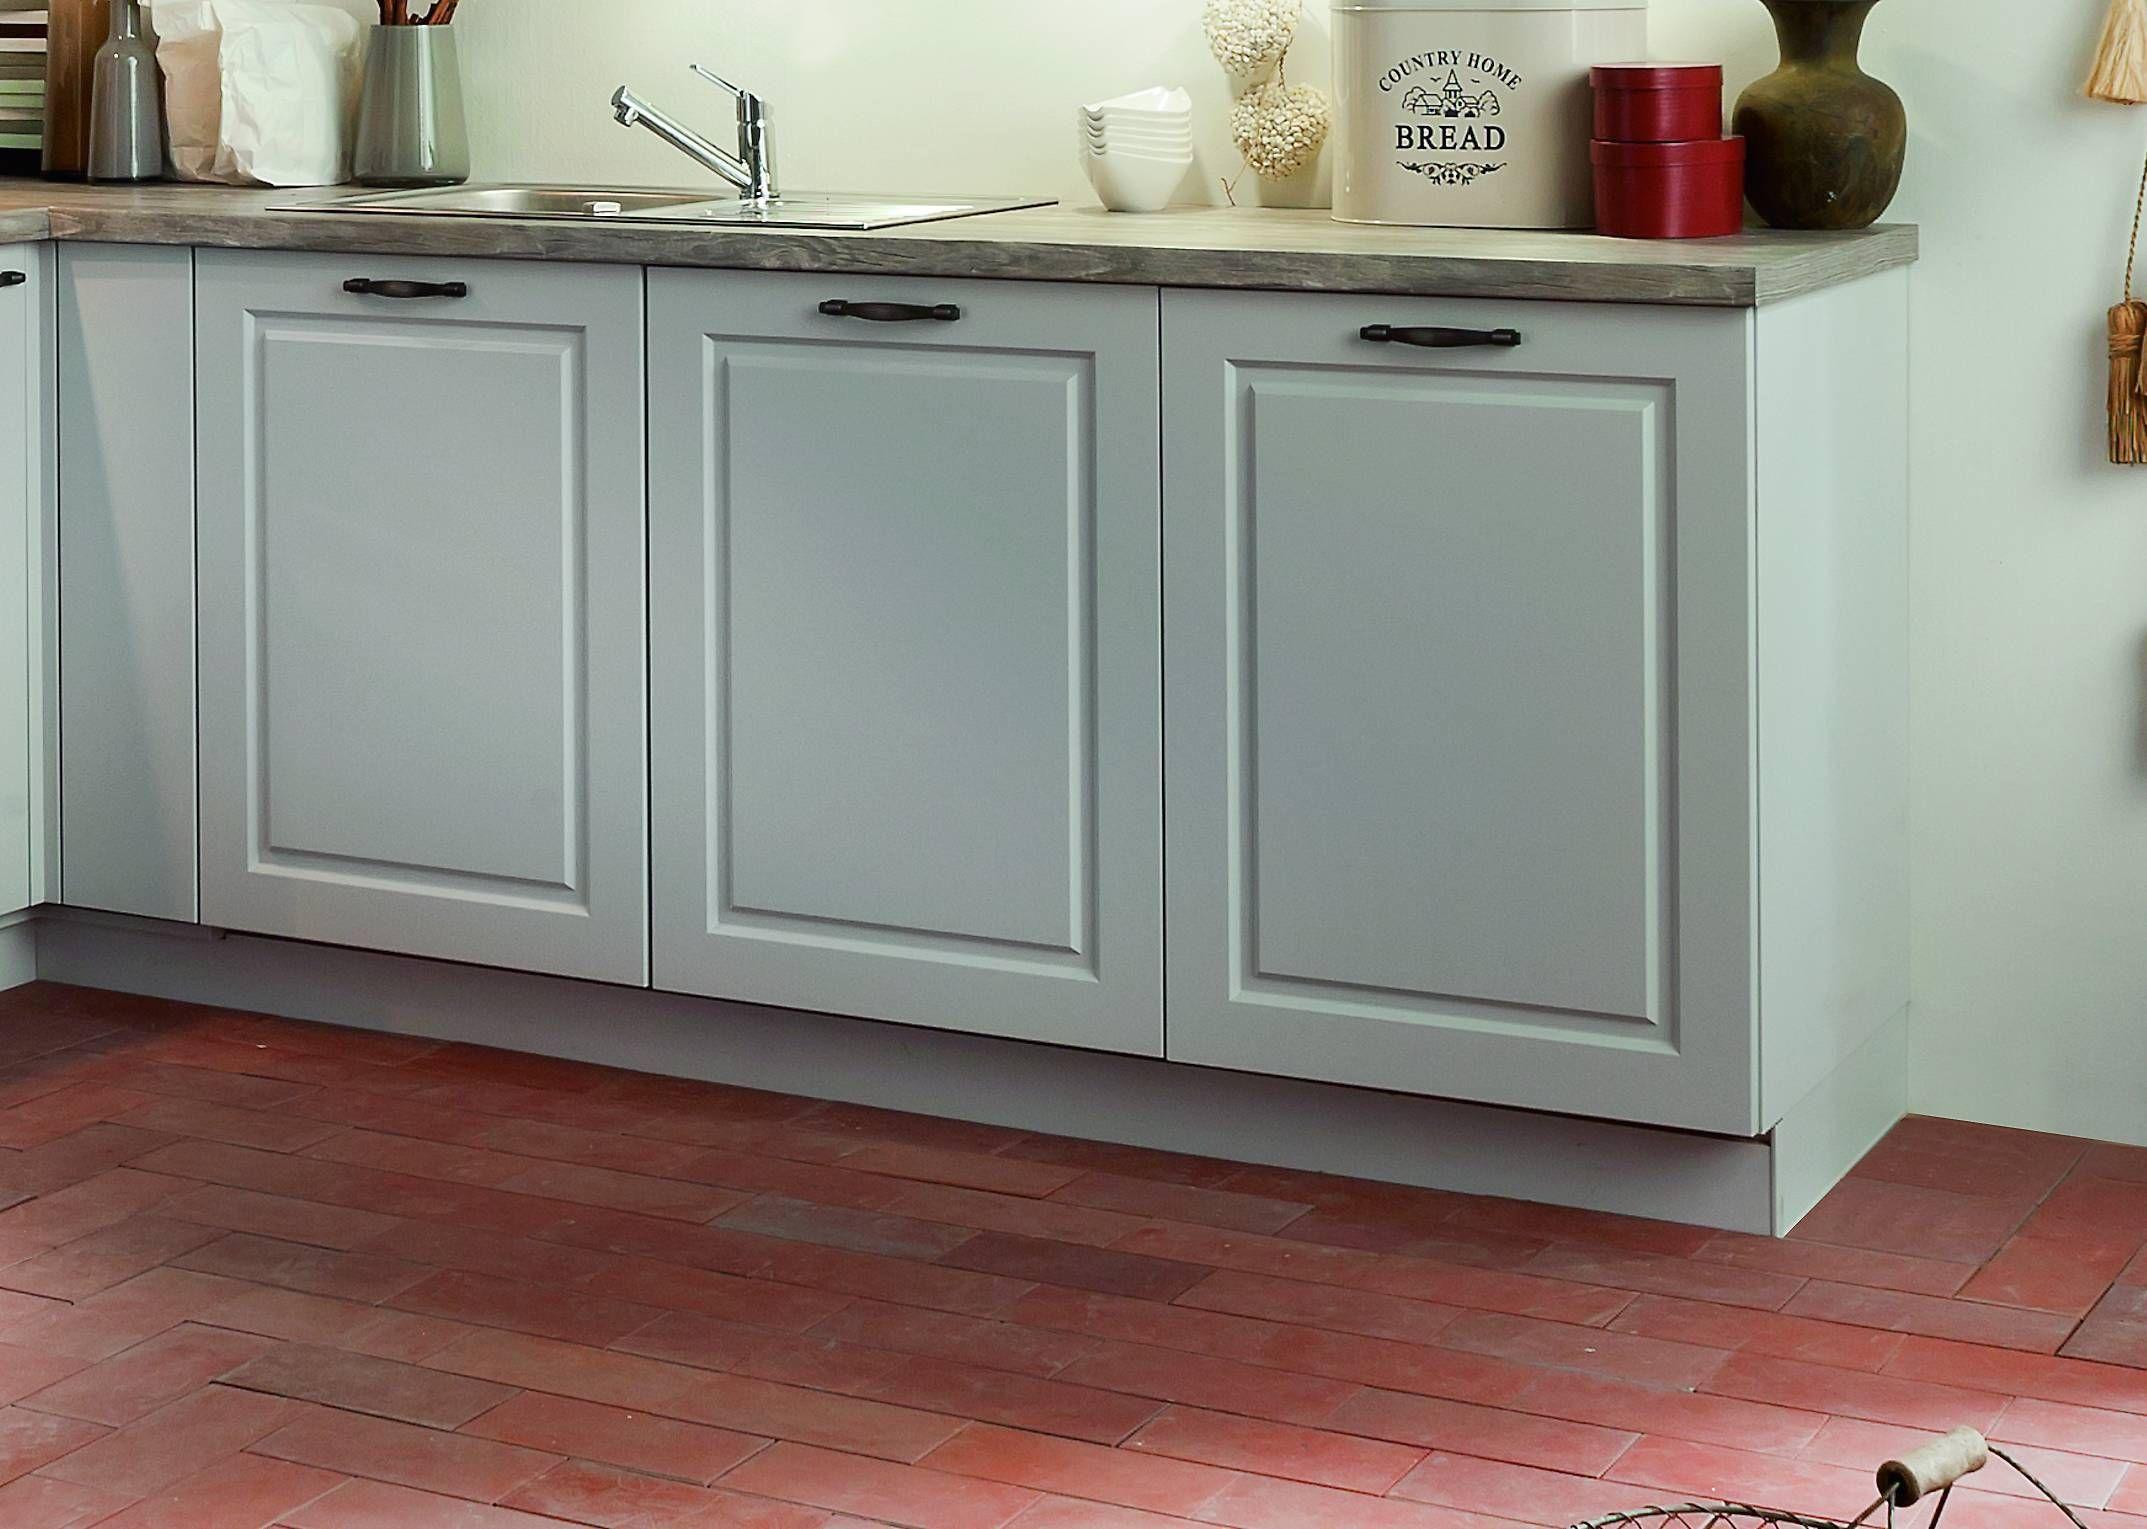 Kuchenunterschranke Im Landhausstil Von Bauformat In Der Farbe Moonlight Grey Seidenmatt Kuchen Styling Schrank Kuche Kuche Landhausstil